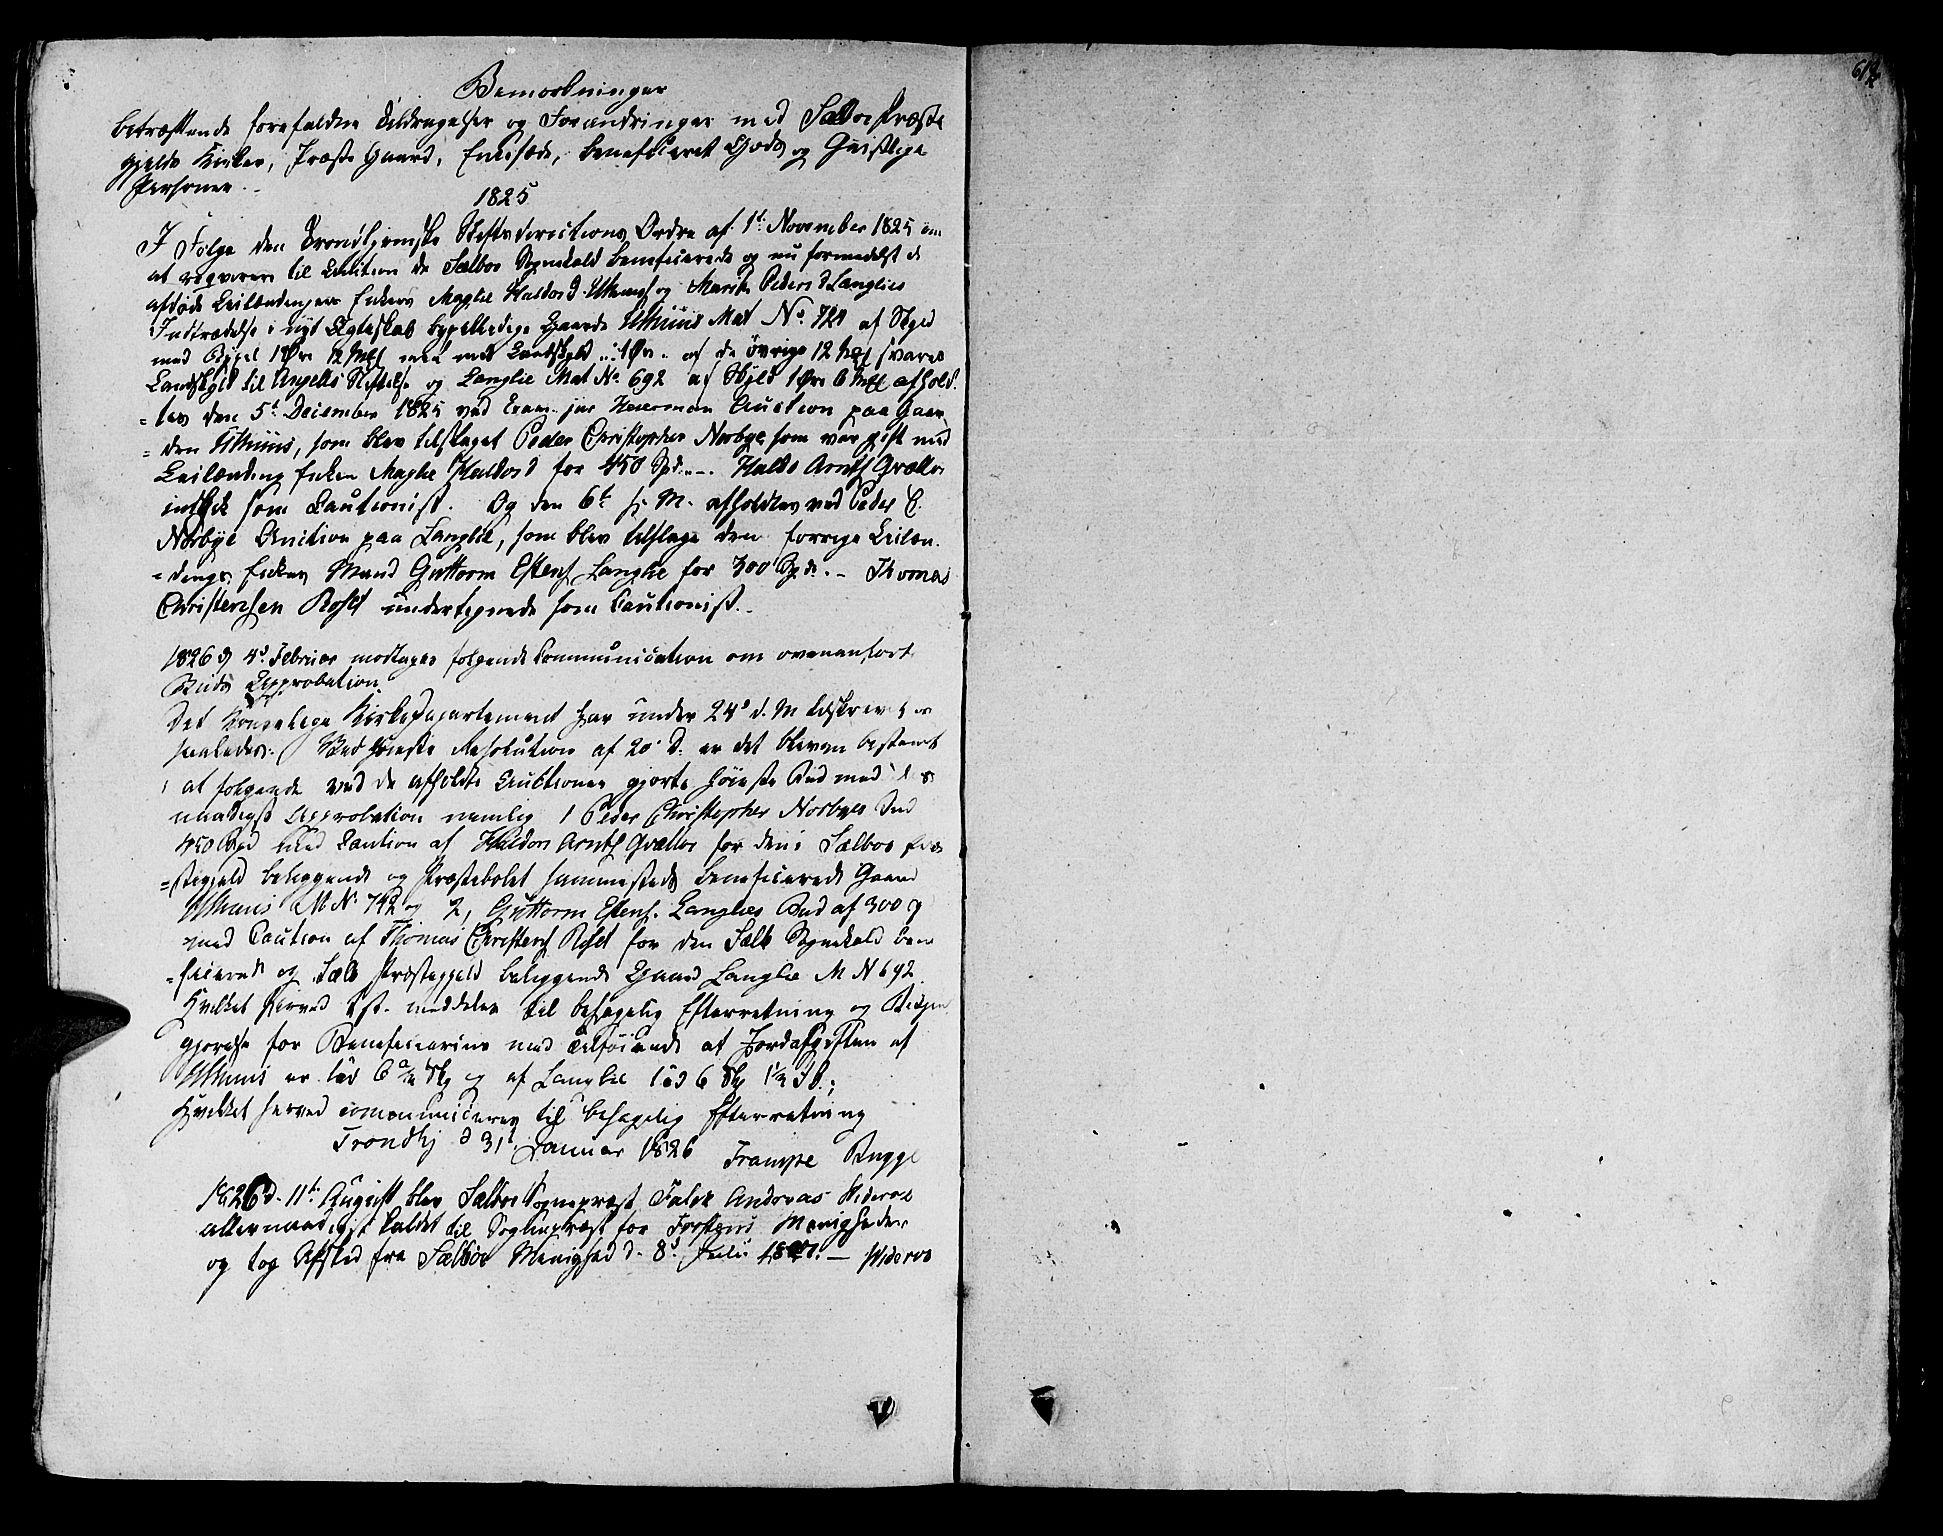 SAT, Ministerialprotokoller, klokkerbøker og fødselsregistre - Sør-Trøndelag, 695/L1143: Ministerialbok nr. 695A05 /1, 1824-1842, s. 618